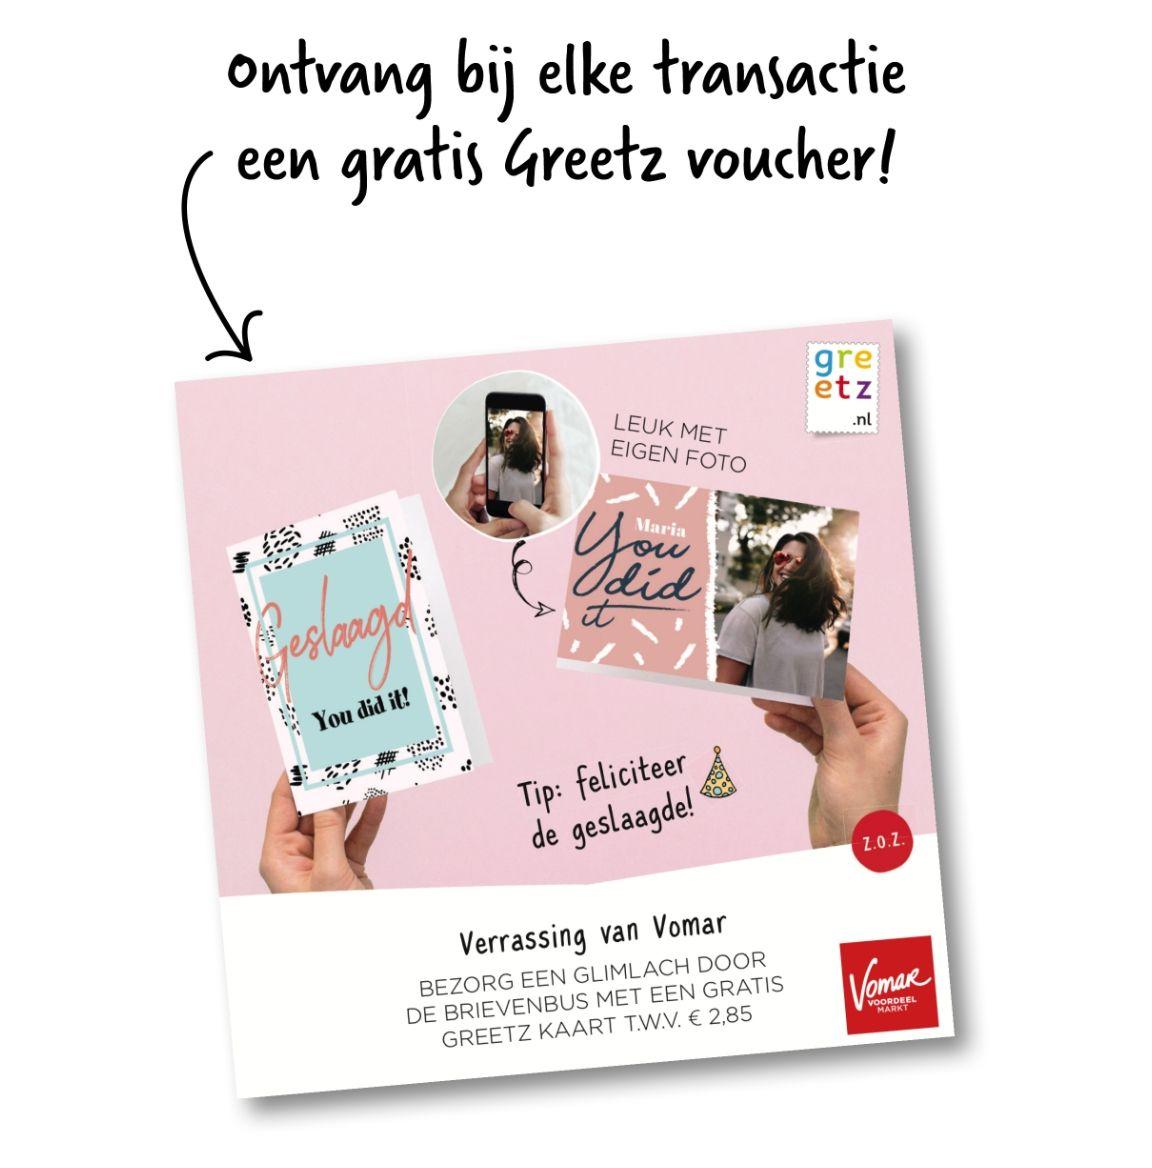 (Gratis Greetz kaart t.w.v. €2,85) bij elke transactie @Vomar